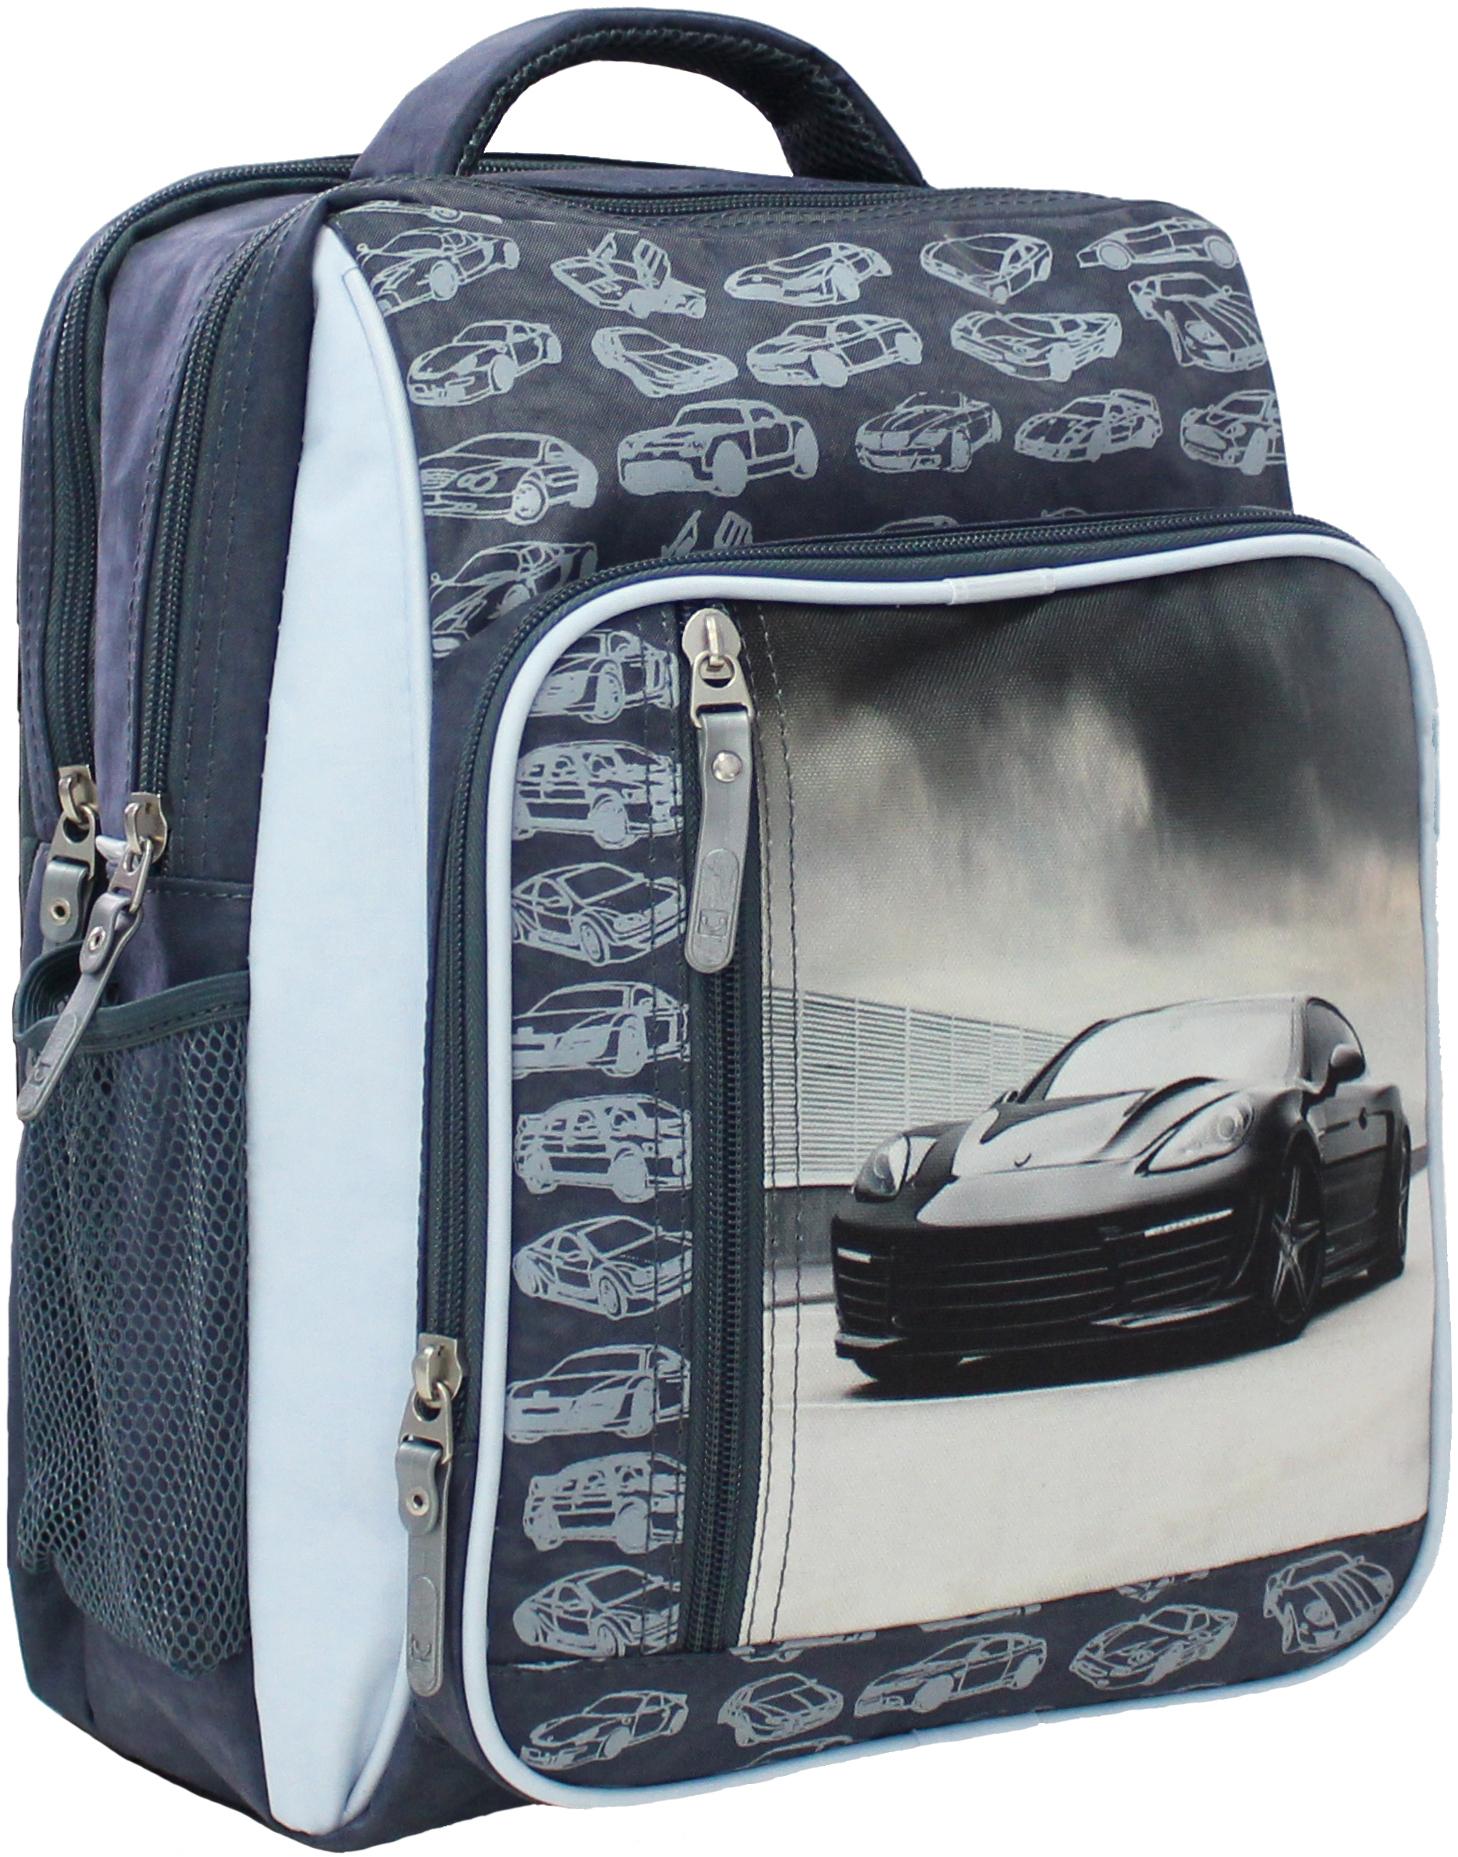 Школьные рюкзаки Рюкзак школьный Bagland Школьник 8 л. 321 сірий 43 м (00112702) IMG_5108.JPG